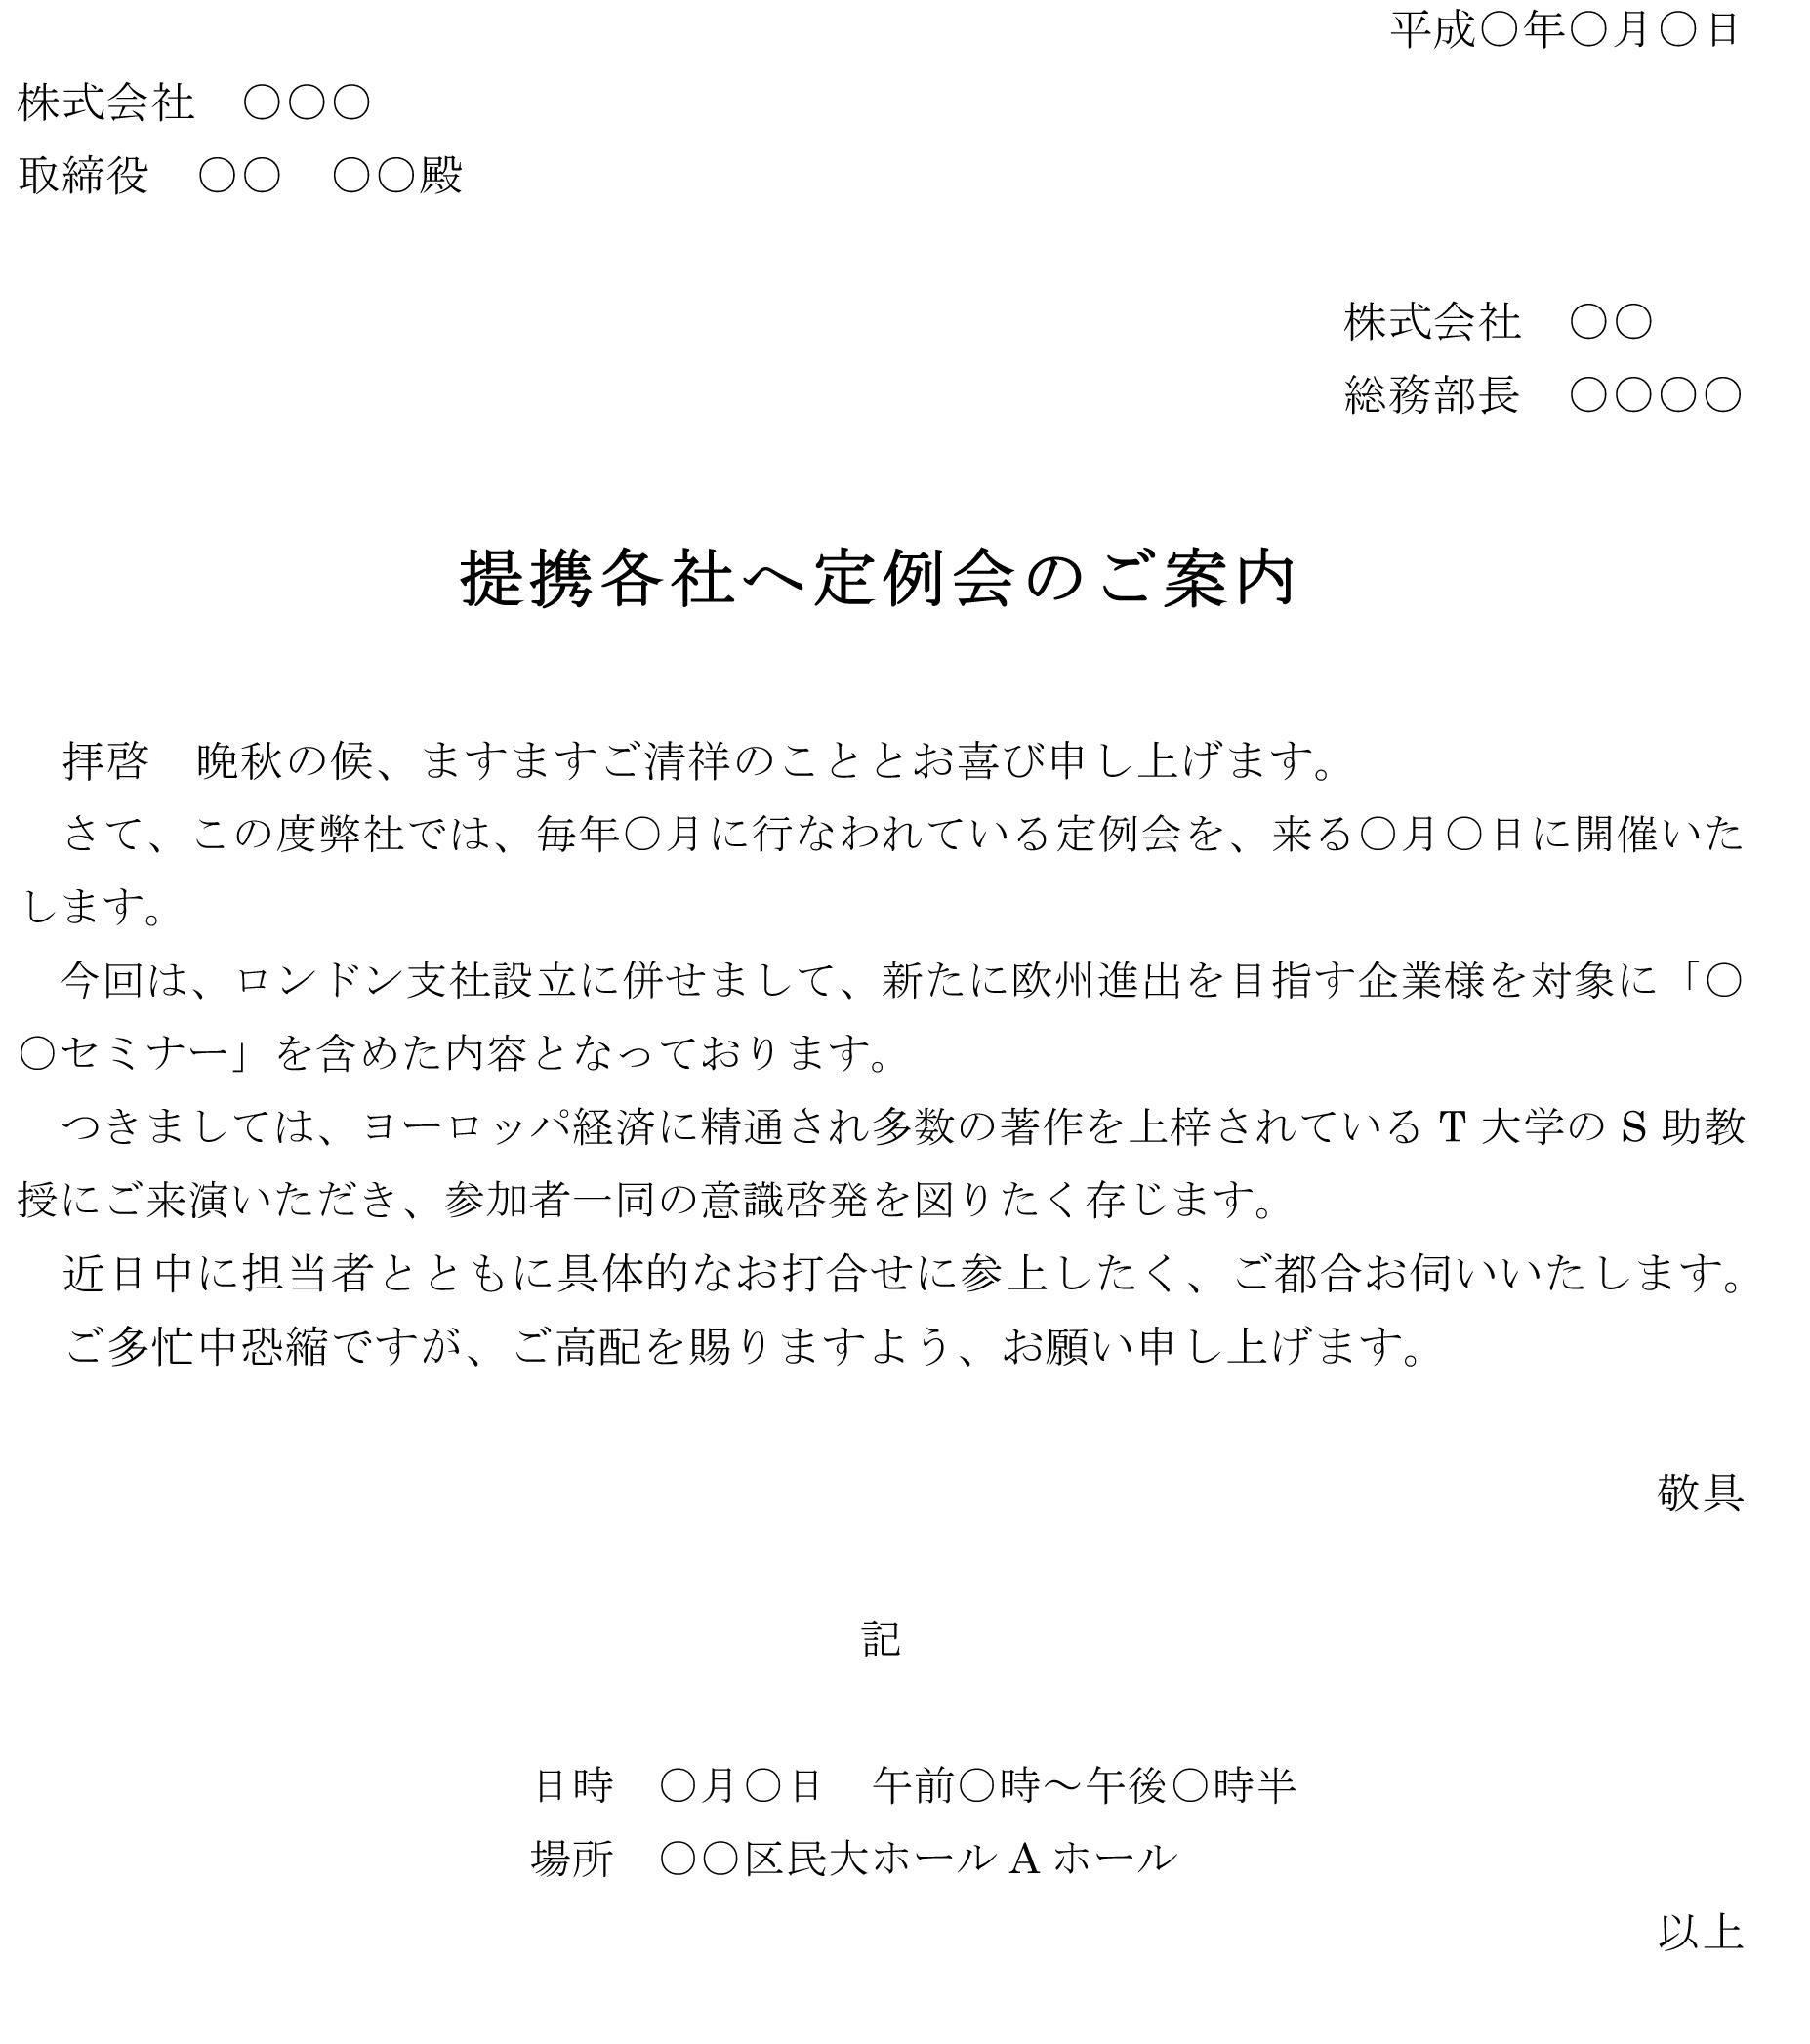 案内状(提携各社へ定例会)